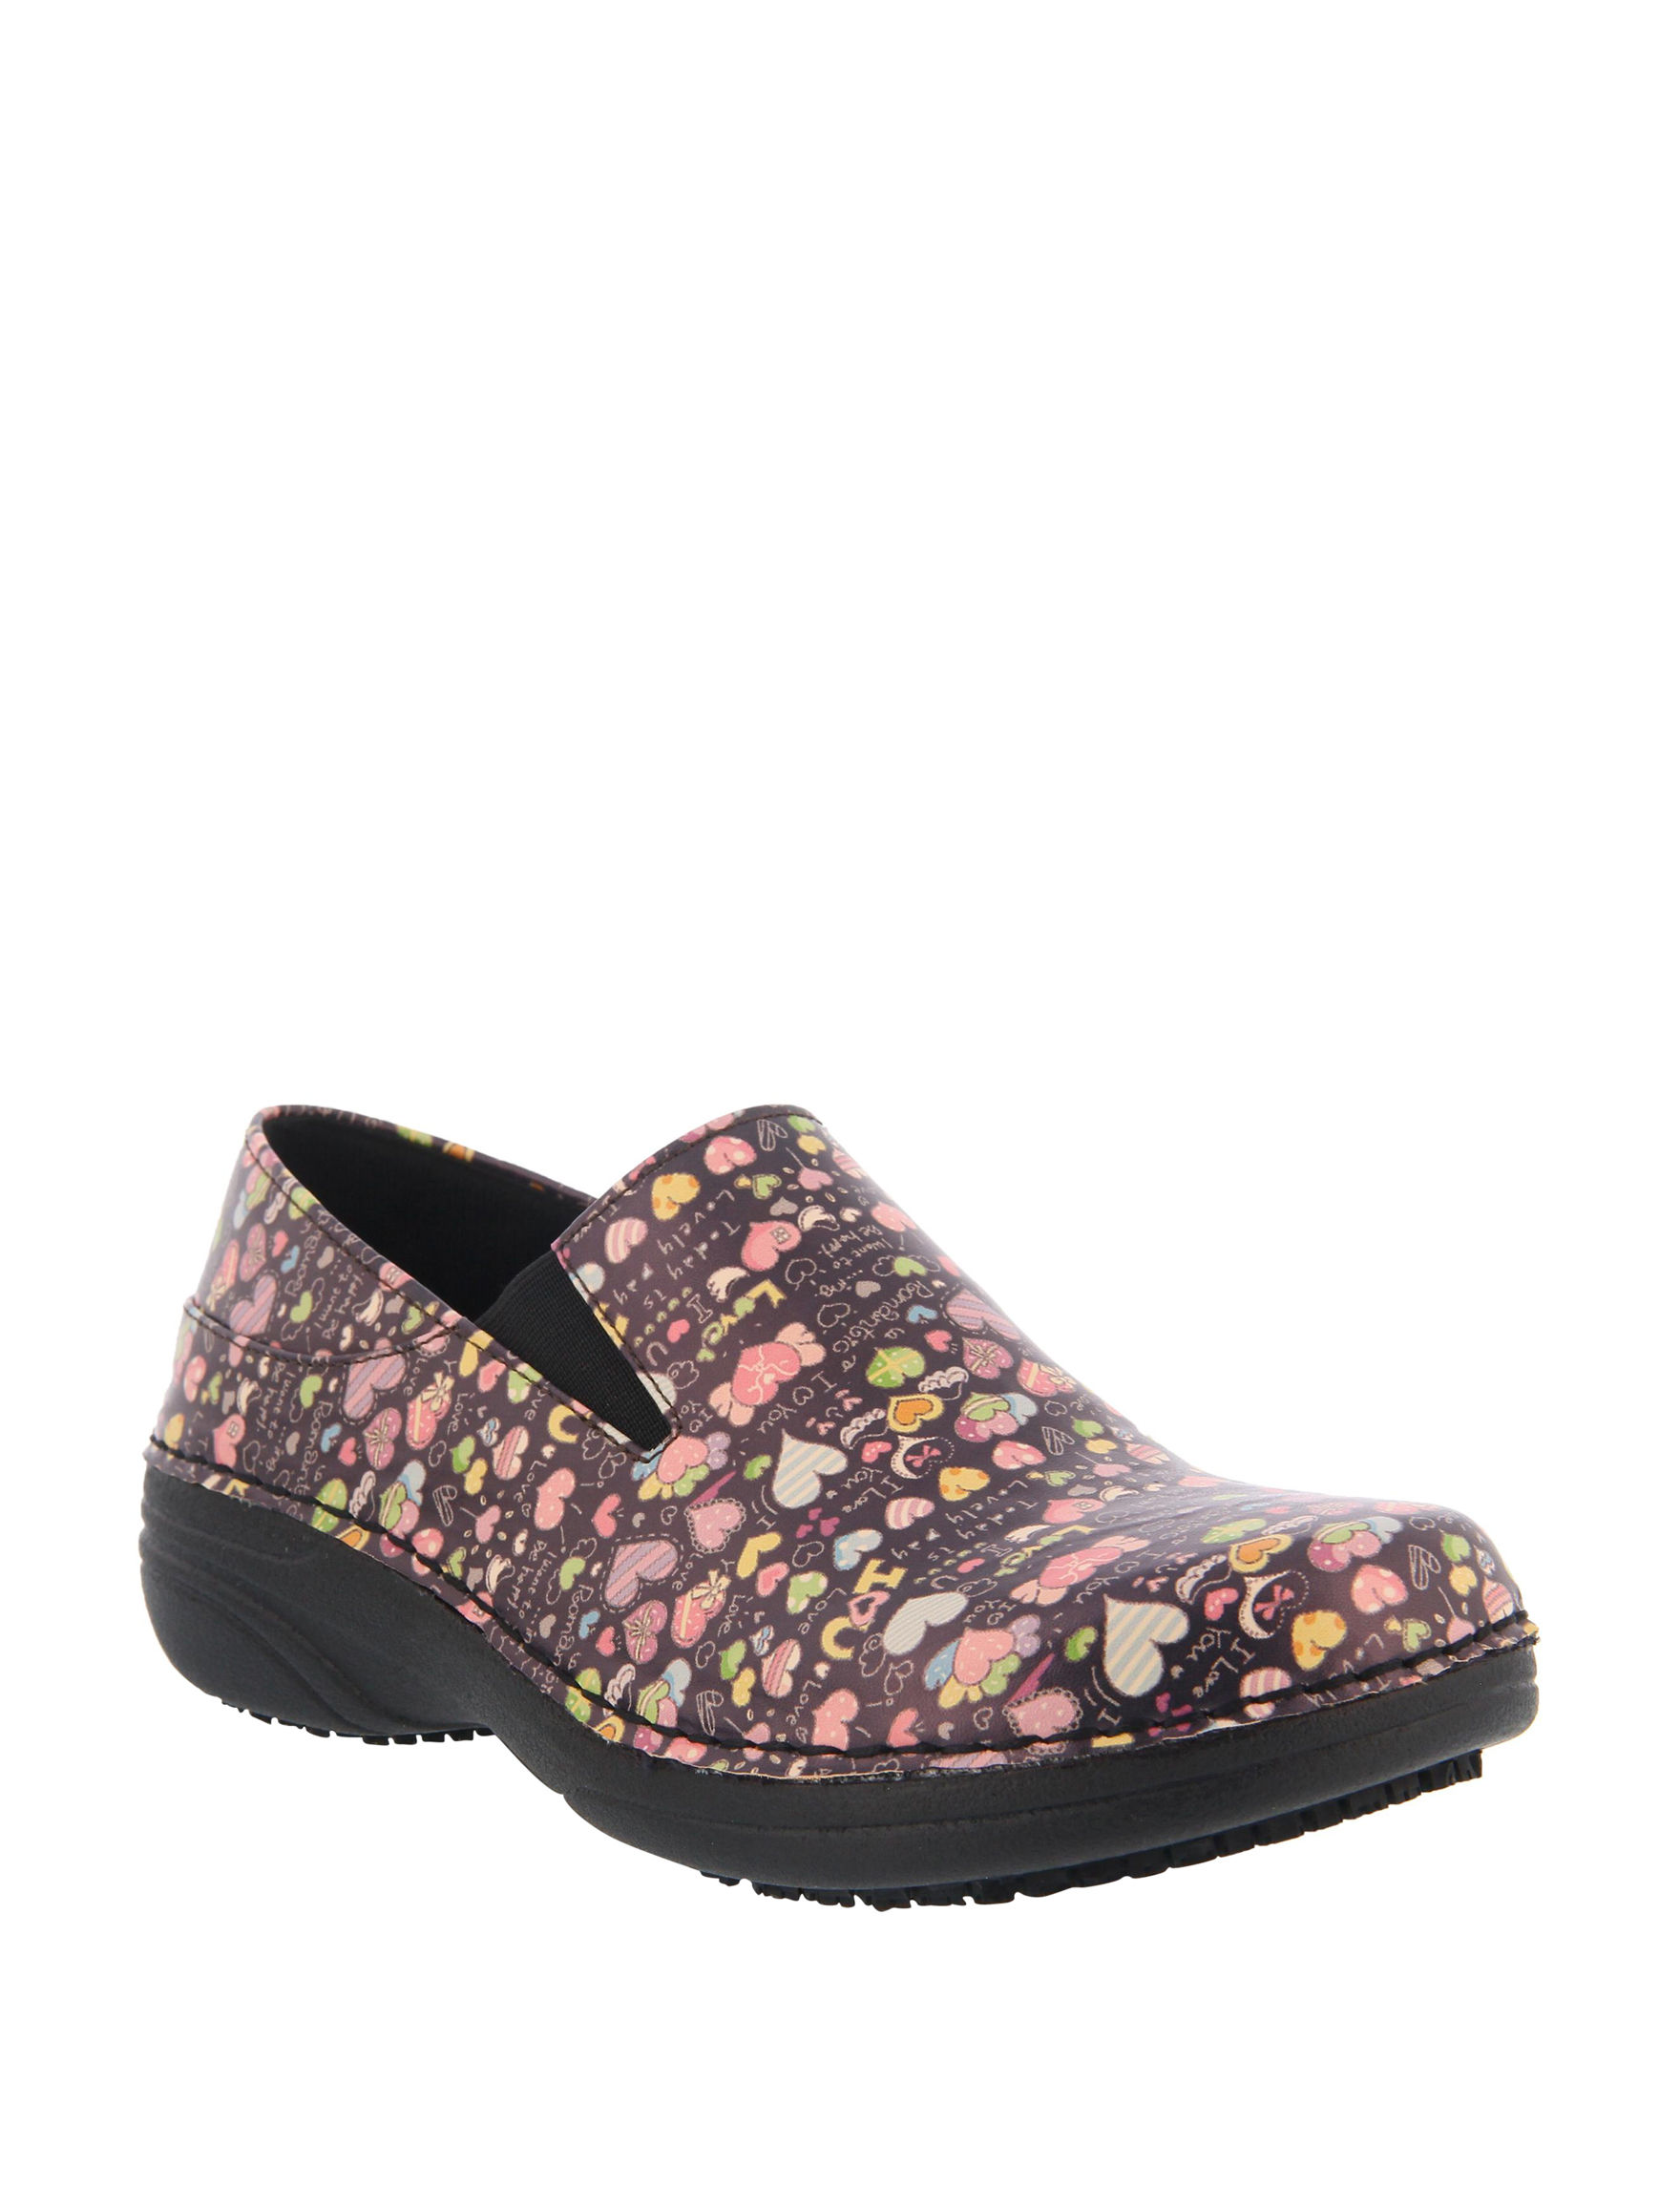 Spring Step Black Slip Resistant